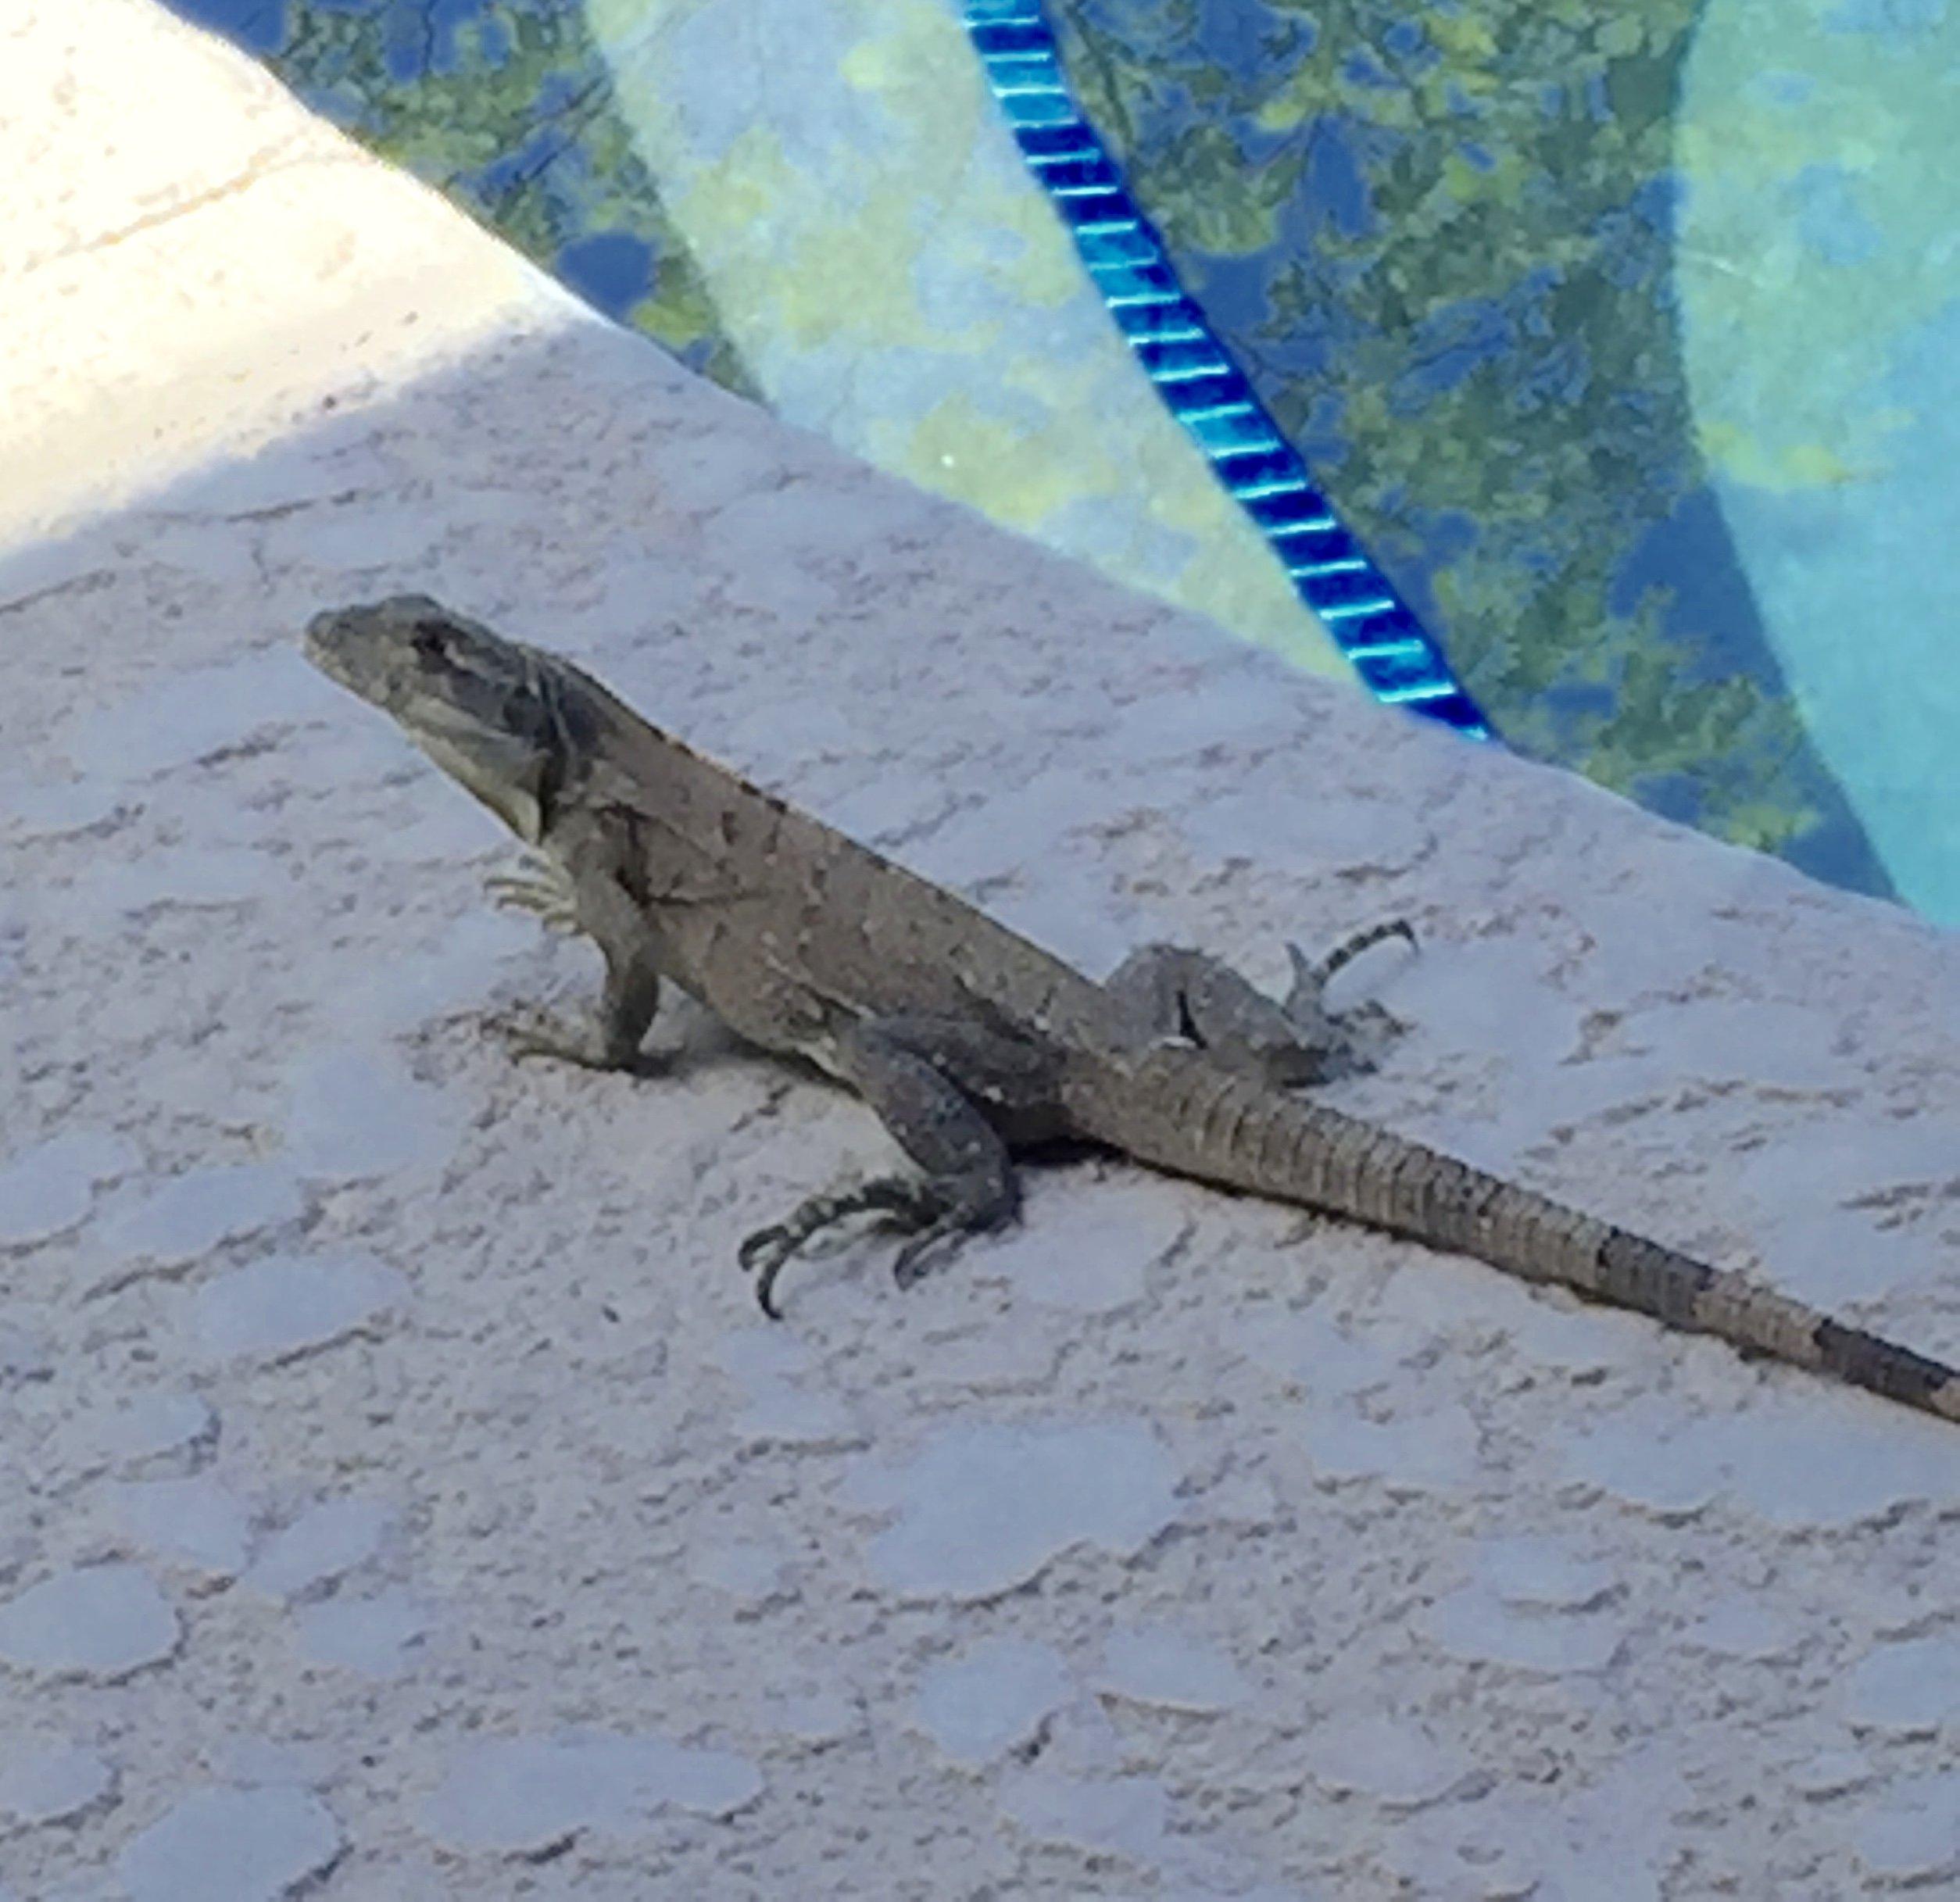 Larry the lizard... actually he's an Iguana.